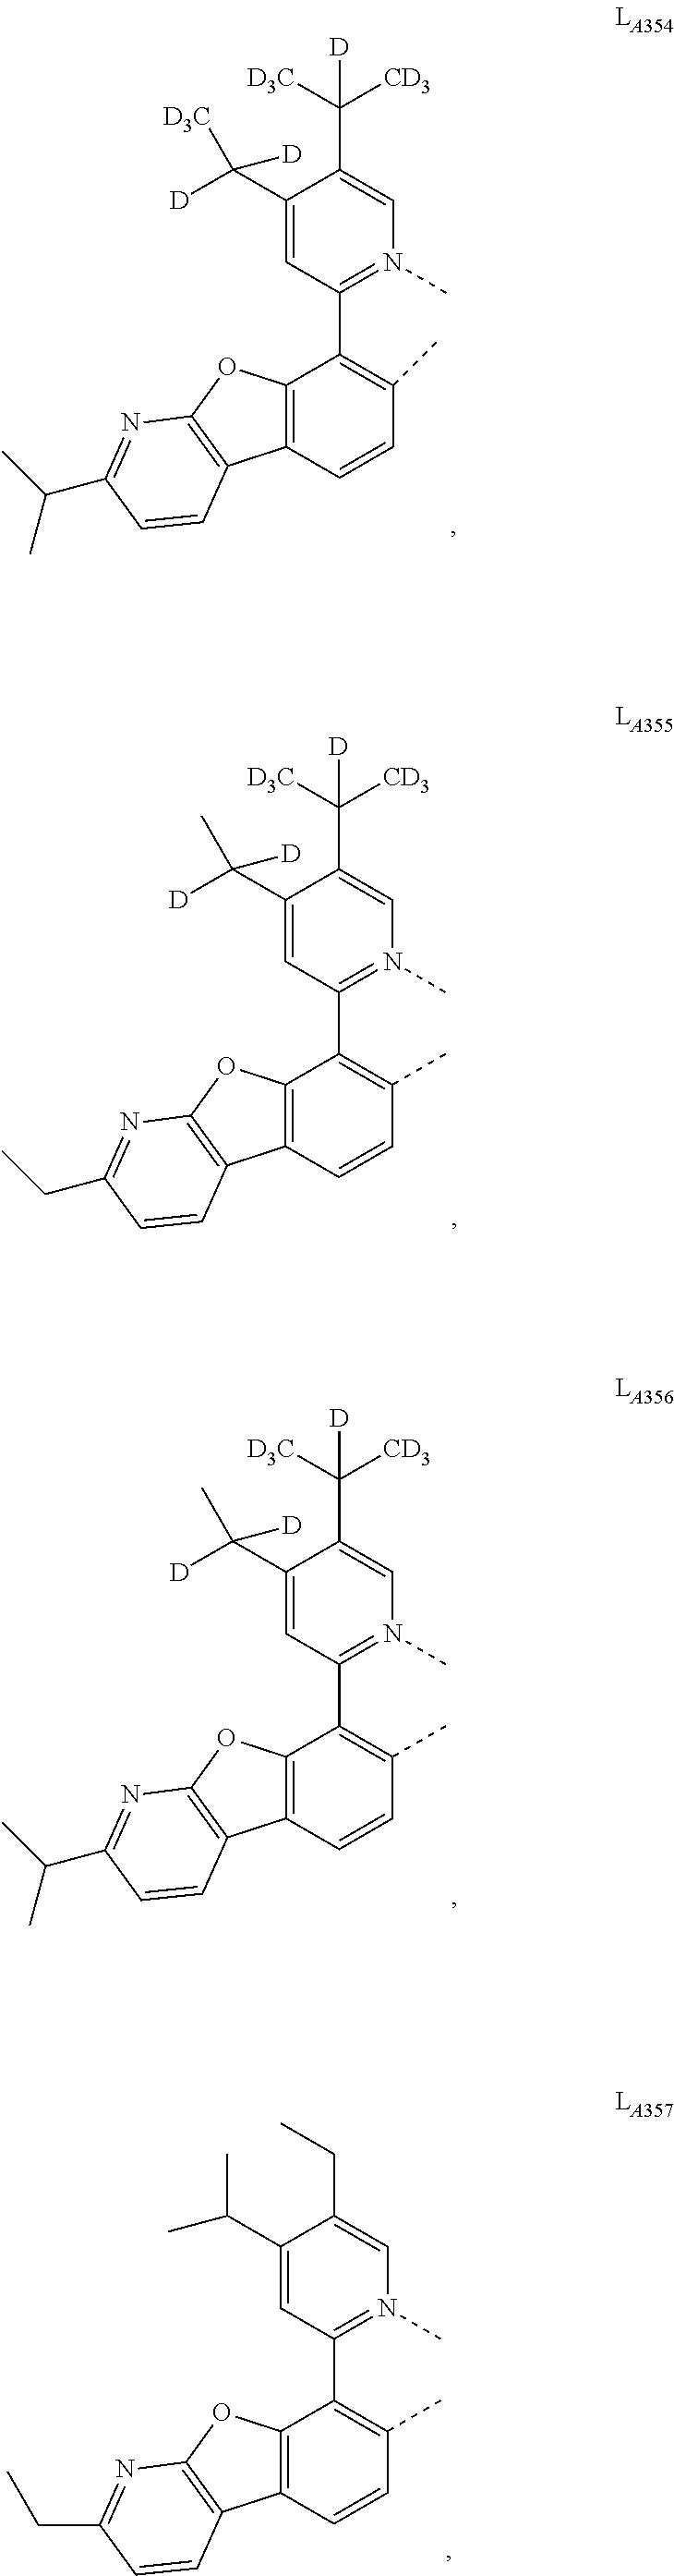 Figure US20160049599A1-20160218-C00093